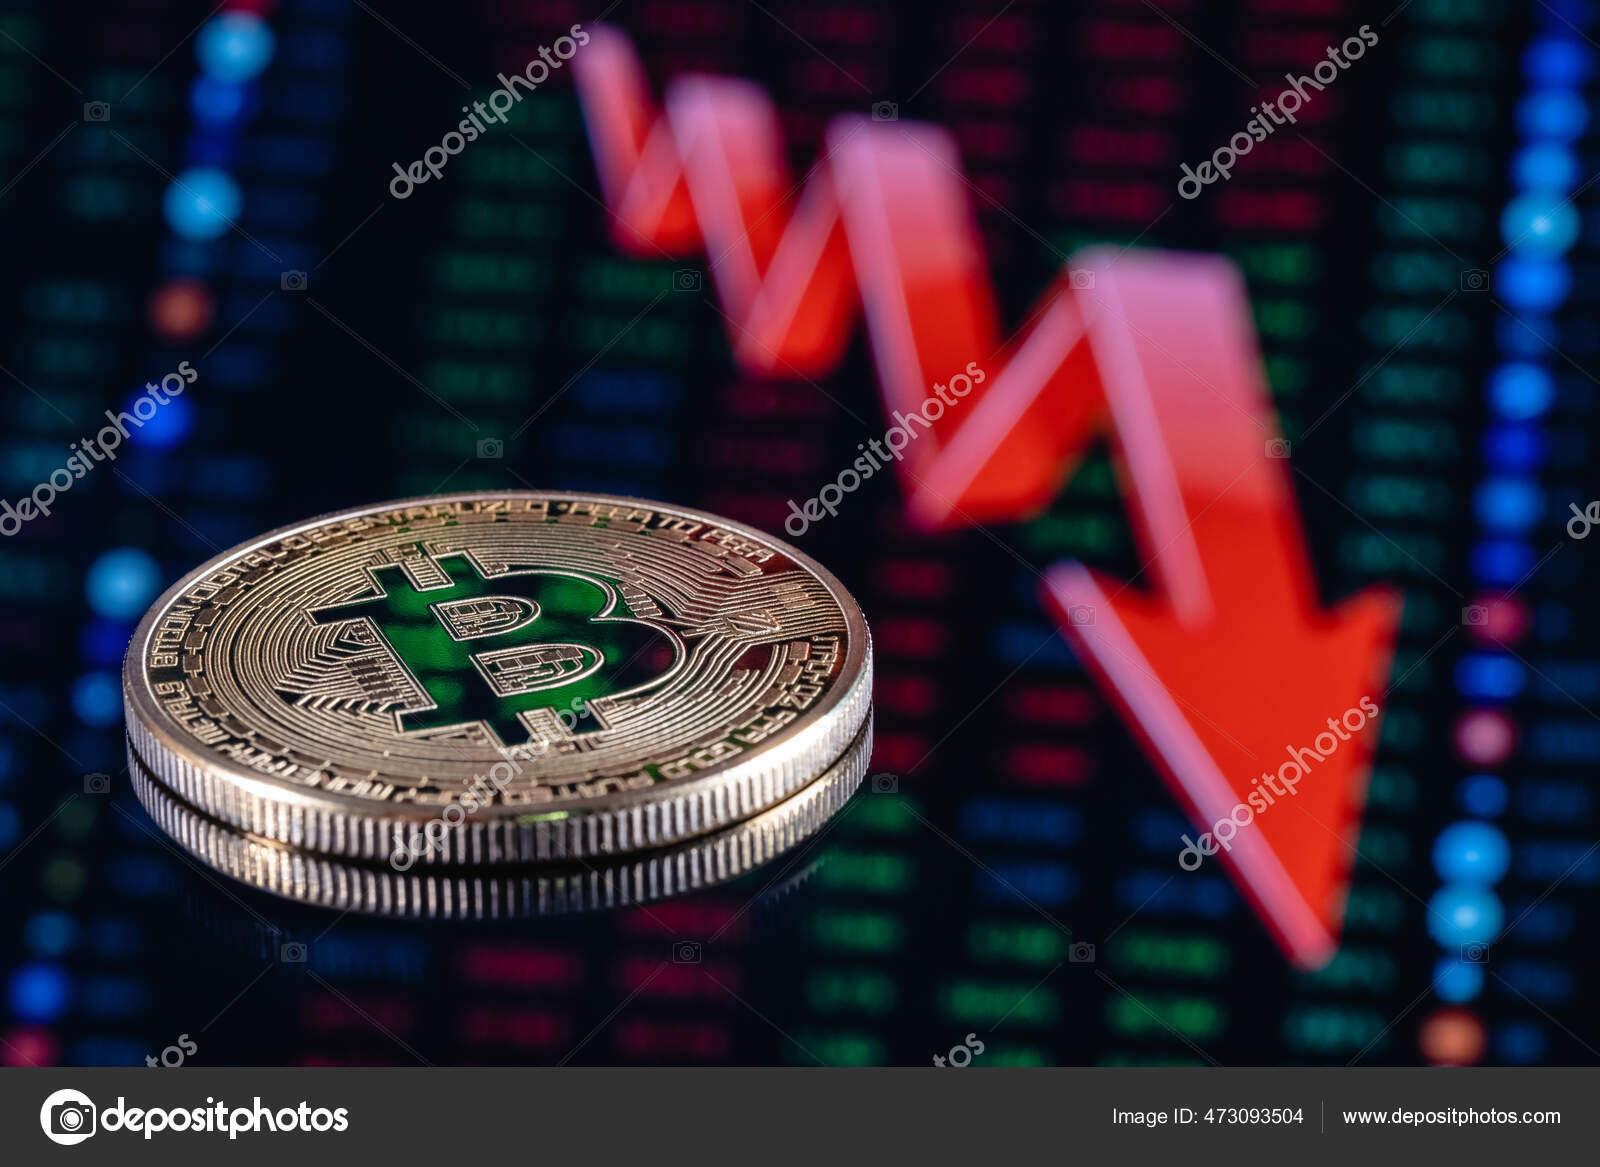 lato negativo di bitcoin)